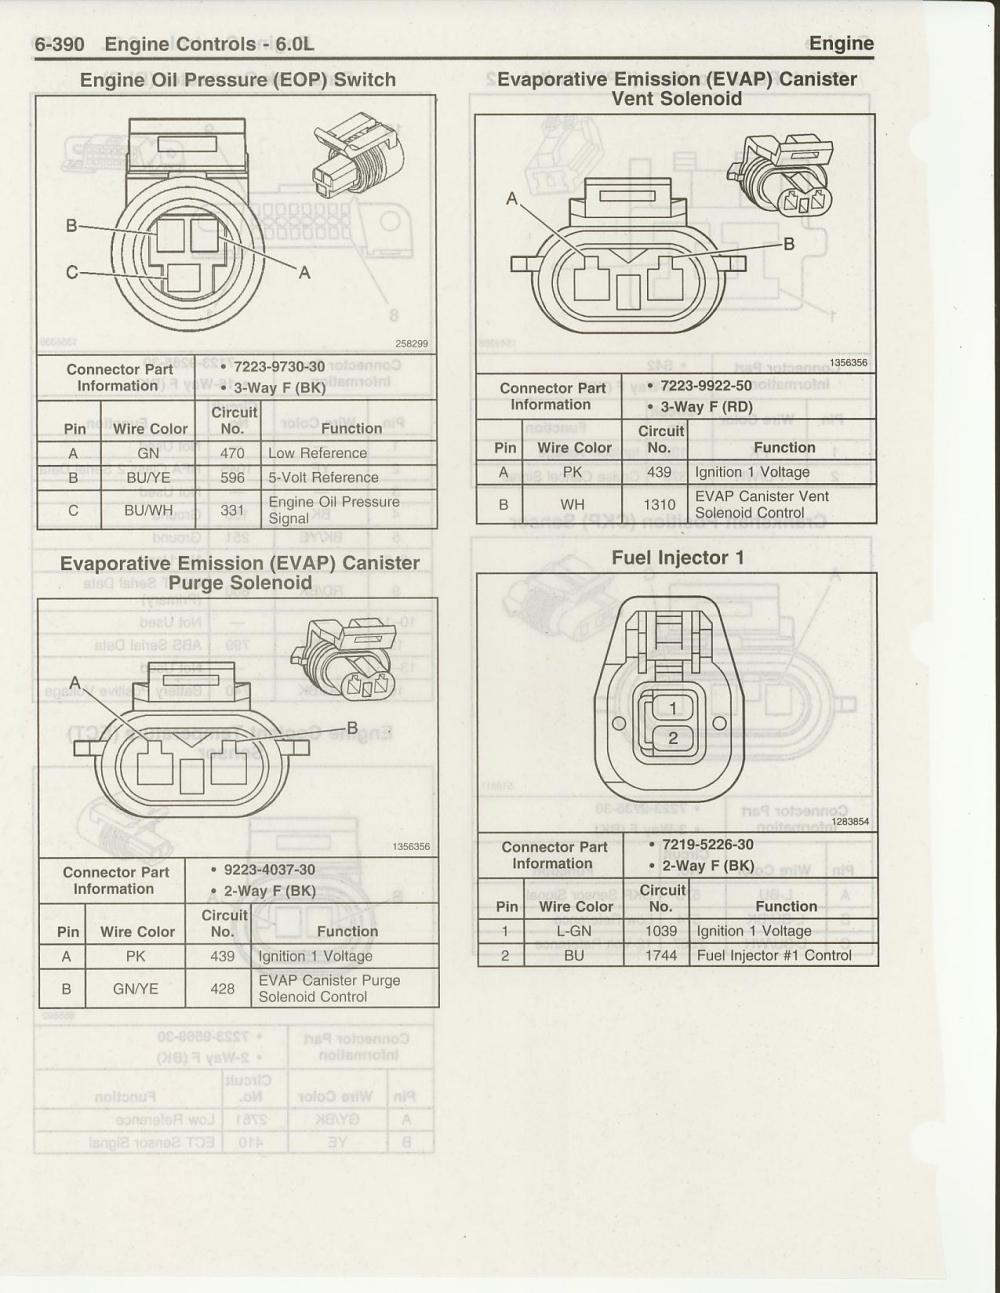 medium resolution of engine oil pressure evap purge evap vent fuel inj 1